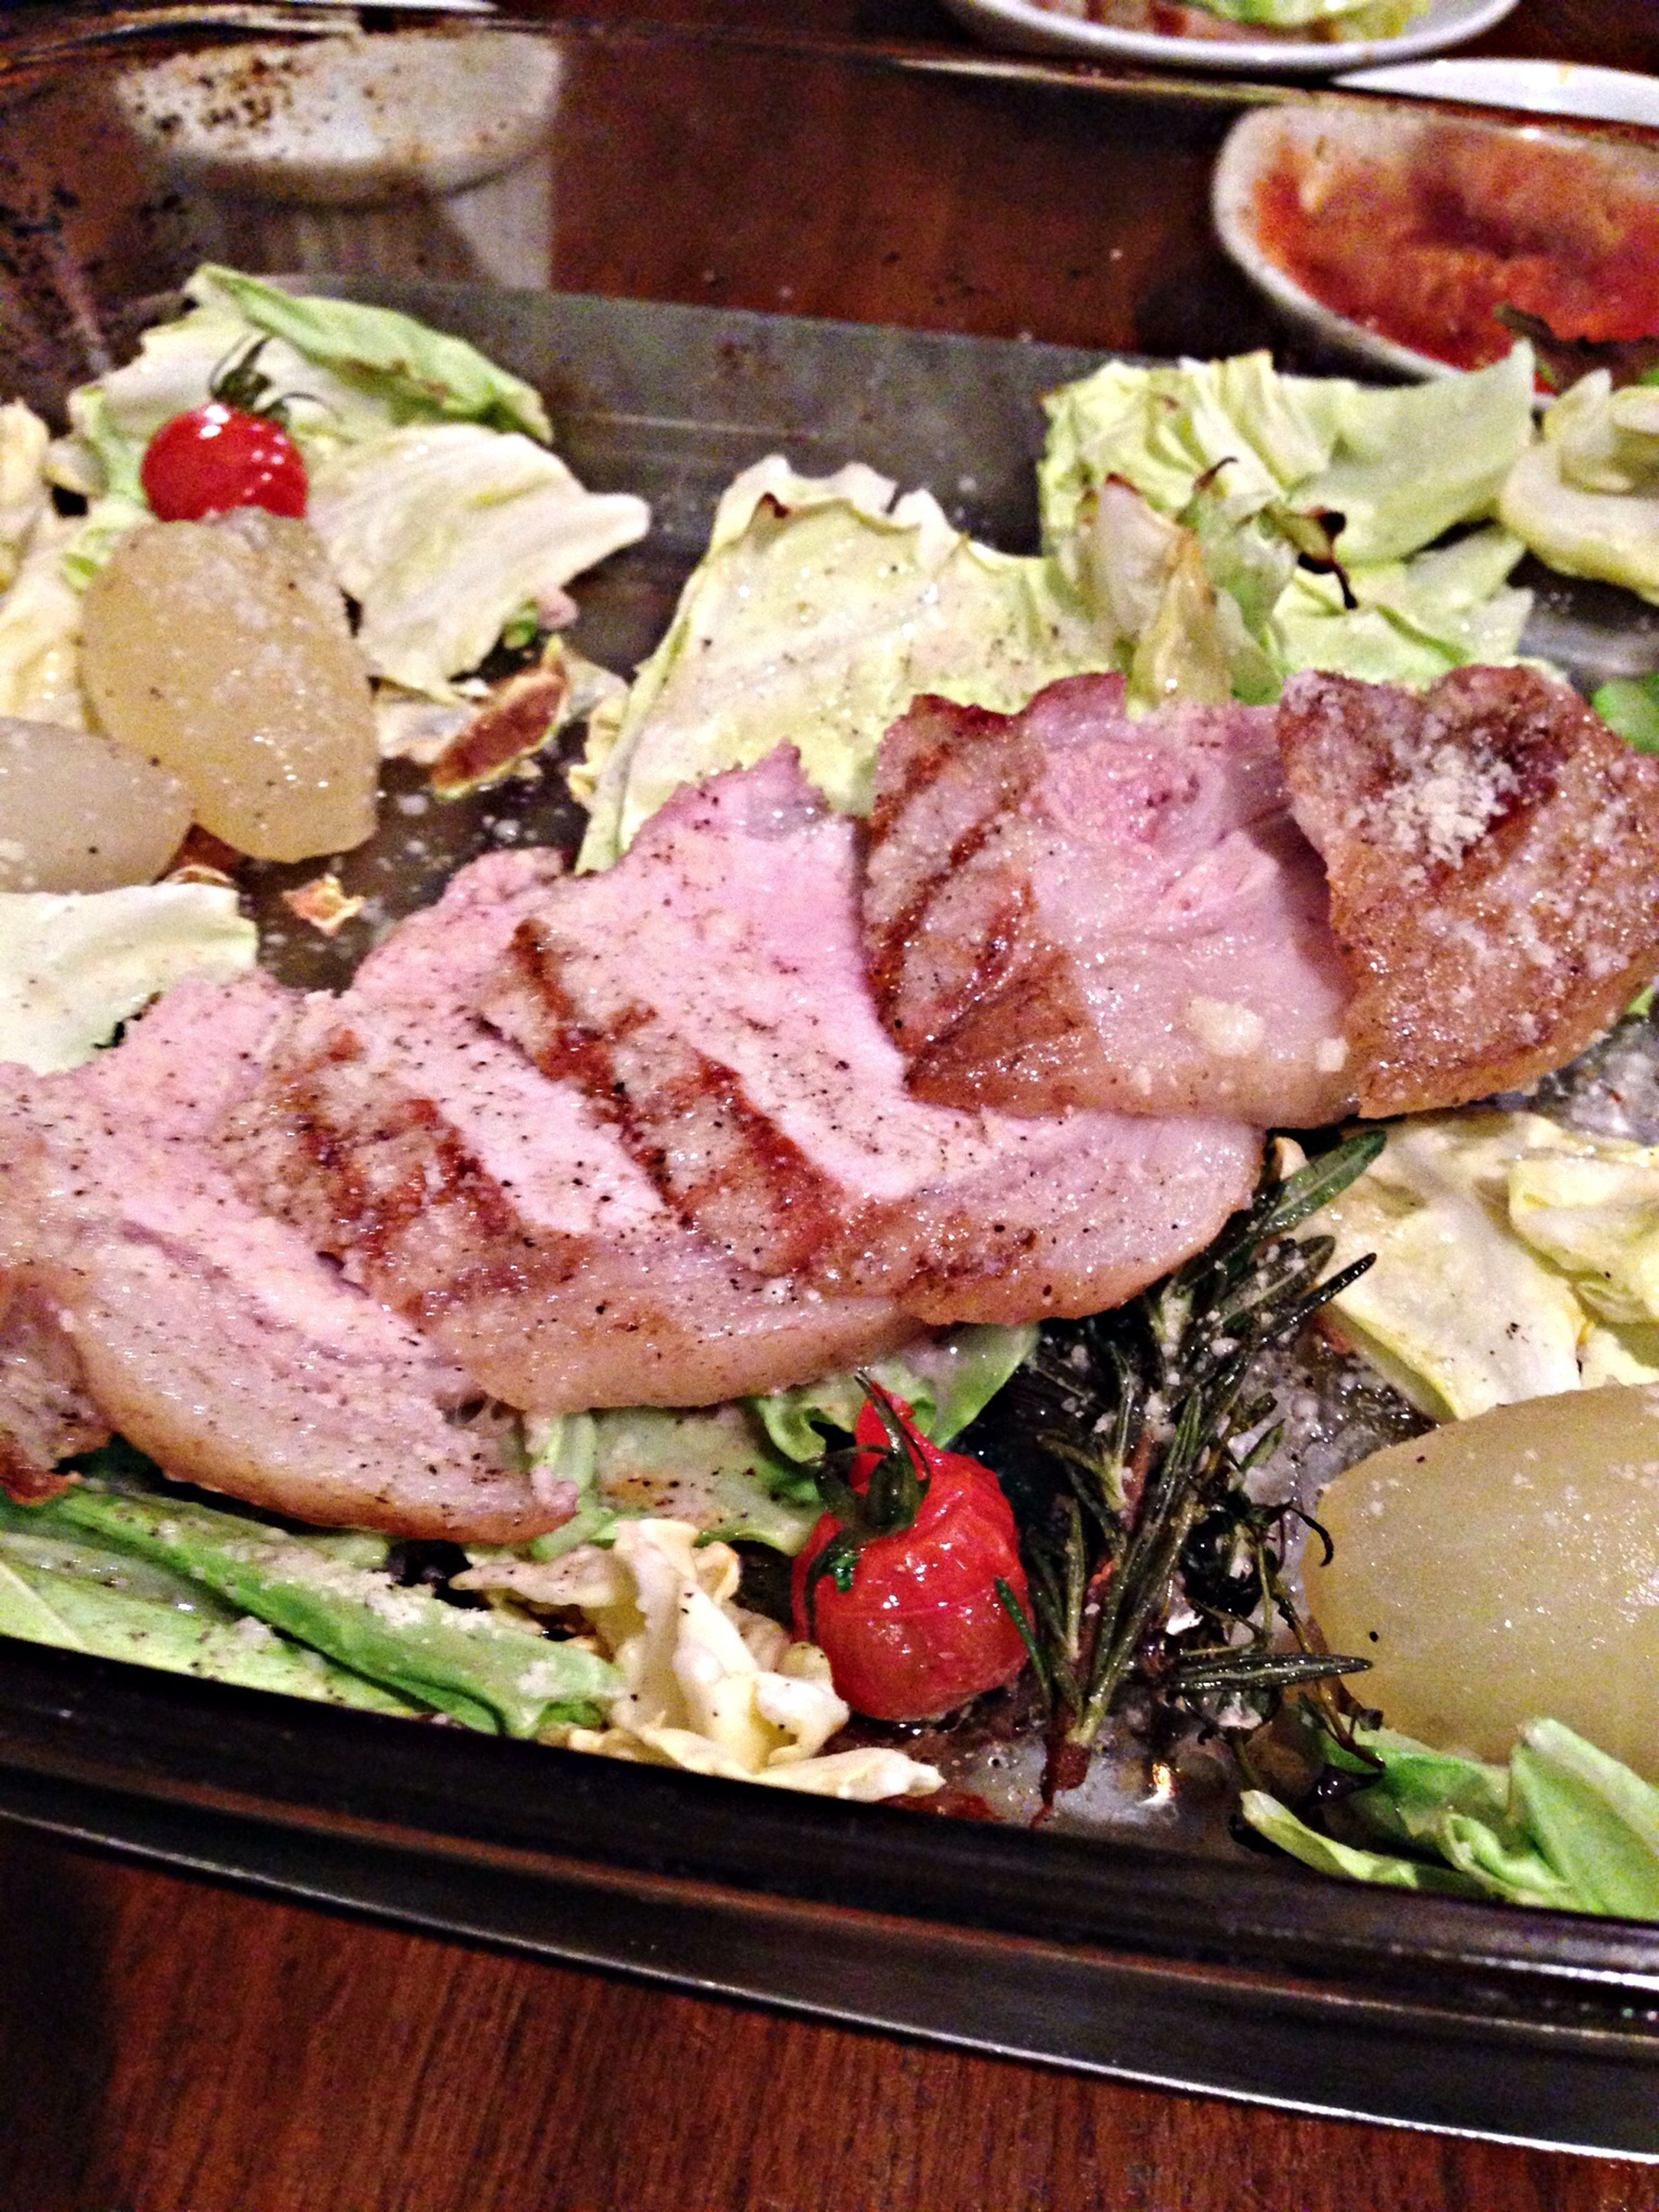 ここの豚肉料理は、本当に美味しいです。